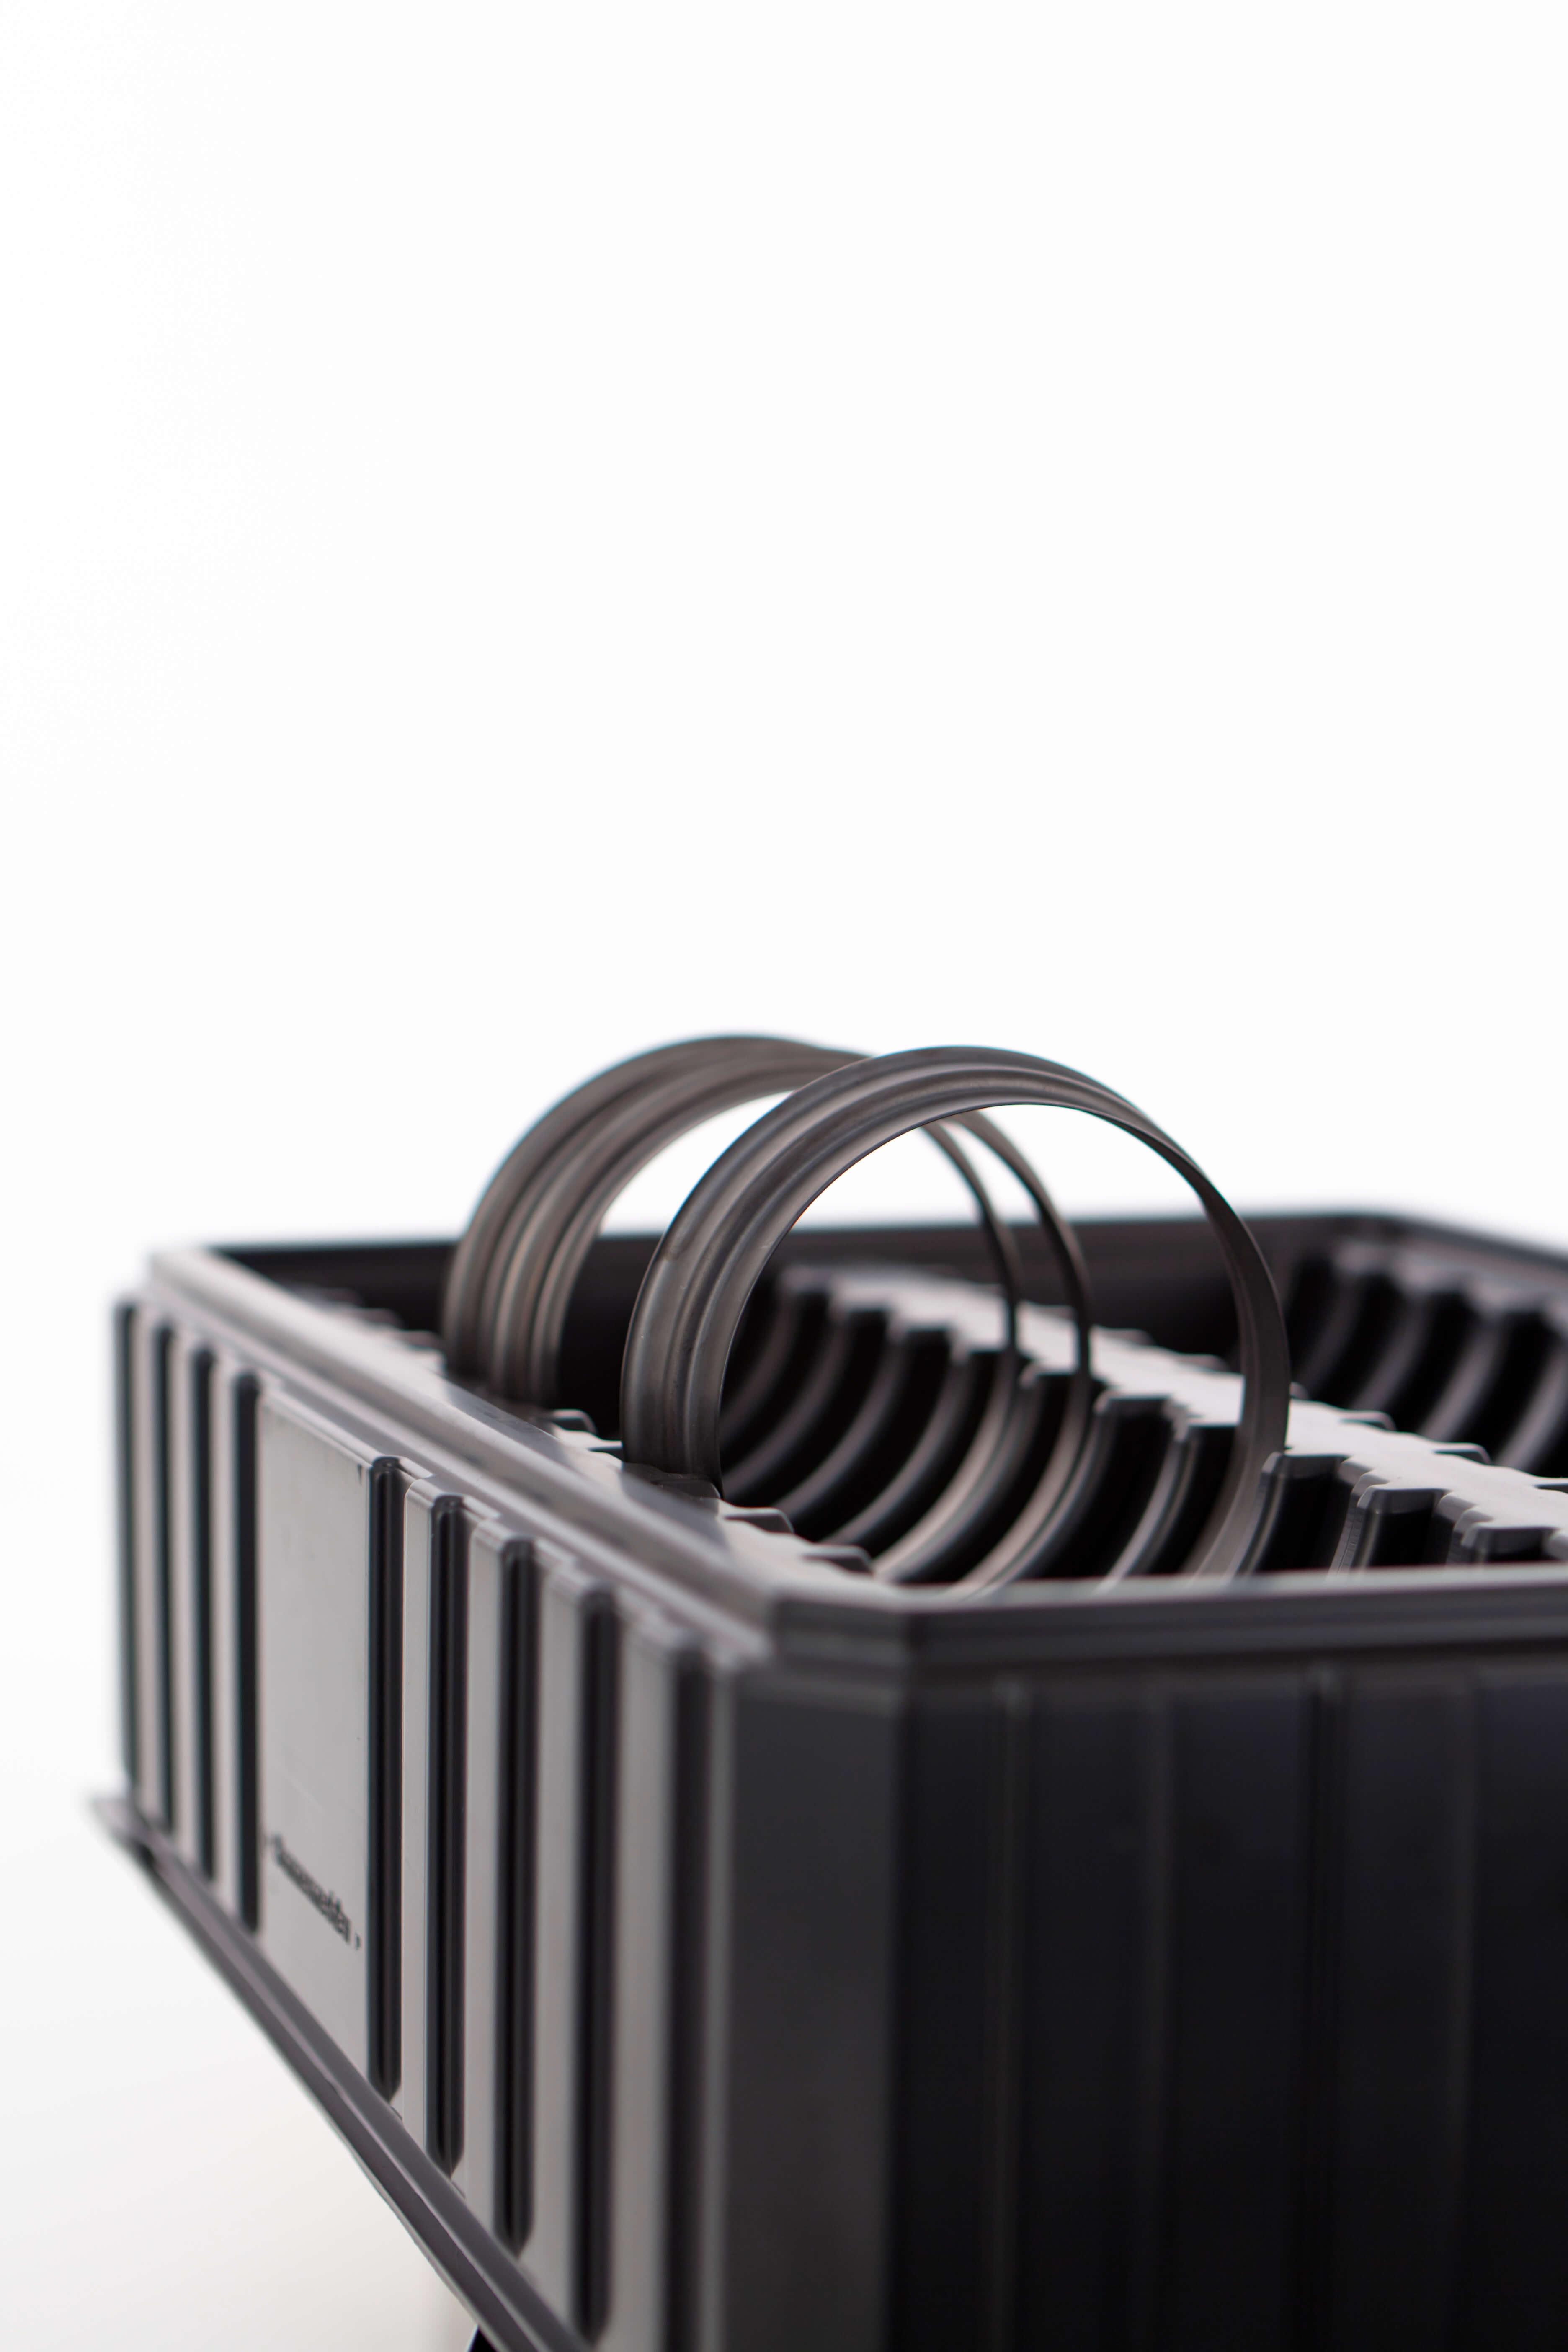 nestbare und stapelbare Zwischenlagen aus Kunststoff